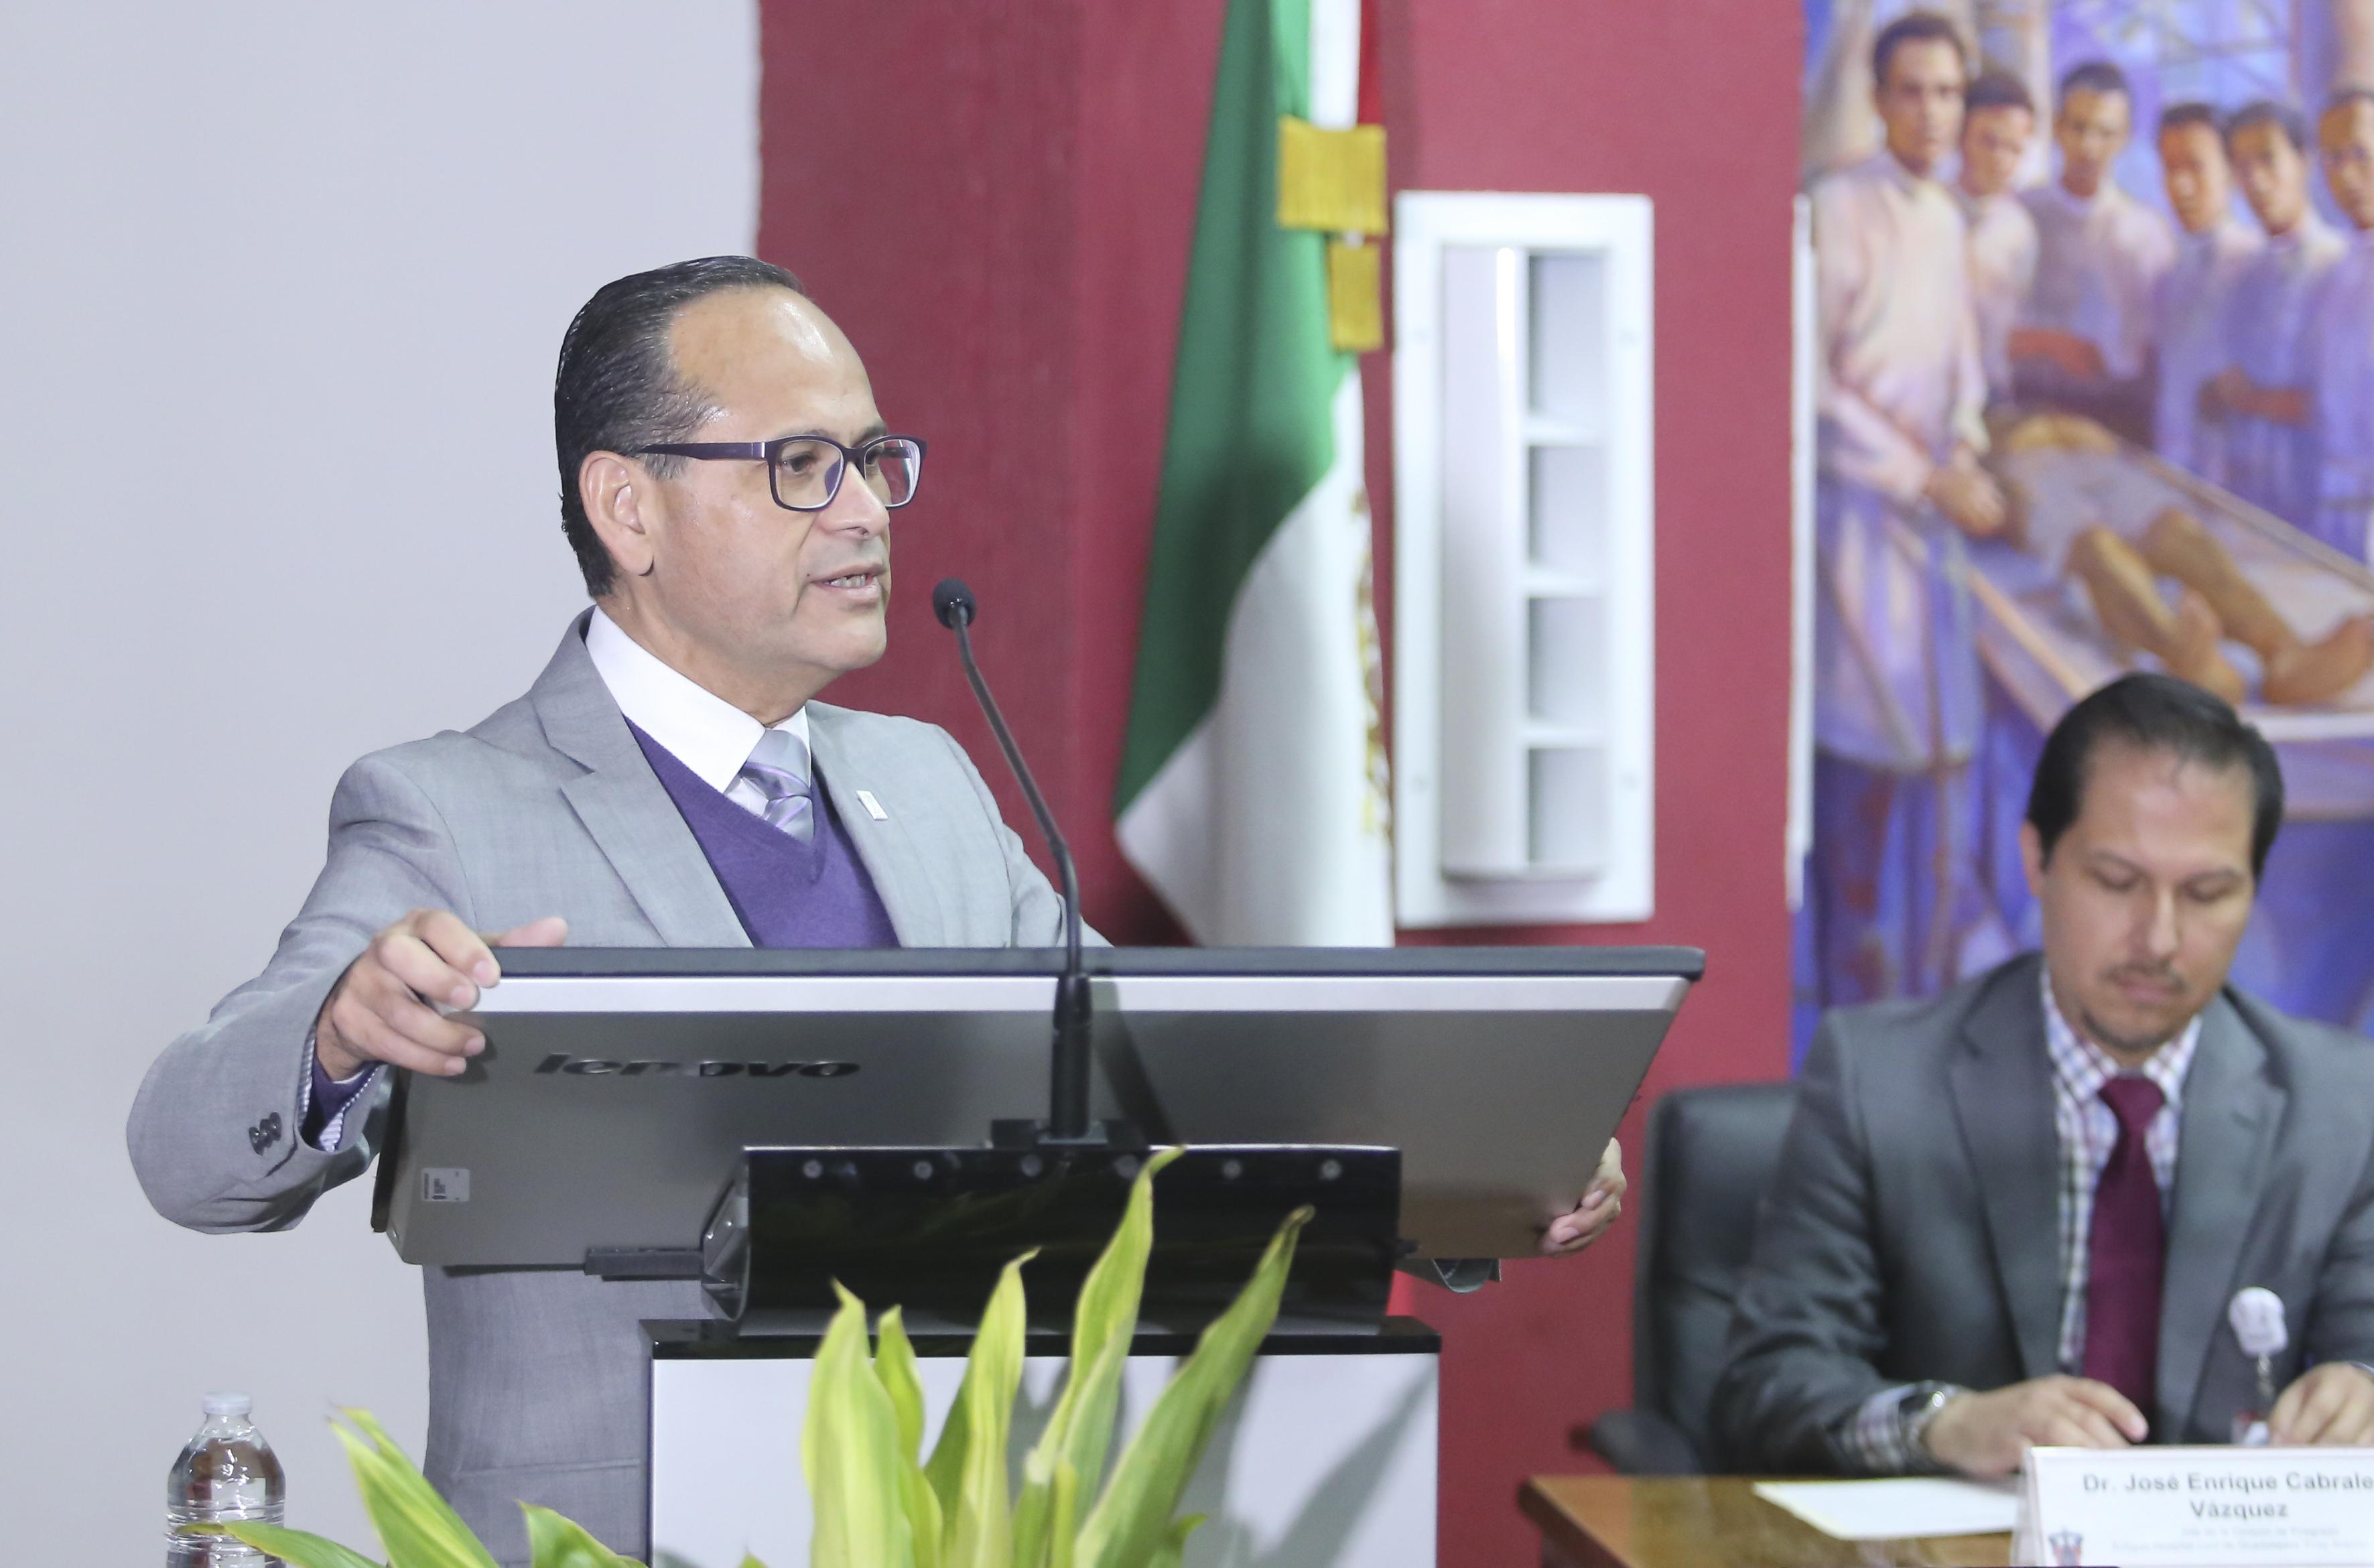 Director General del Hospital Civil de Guadalajara al micrófono en el podium